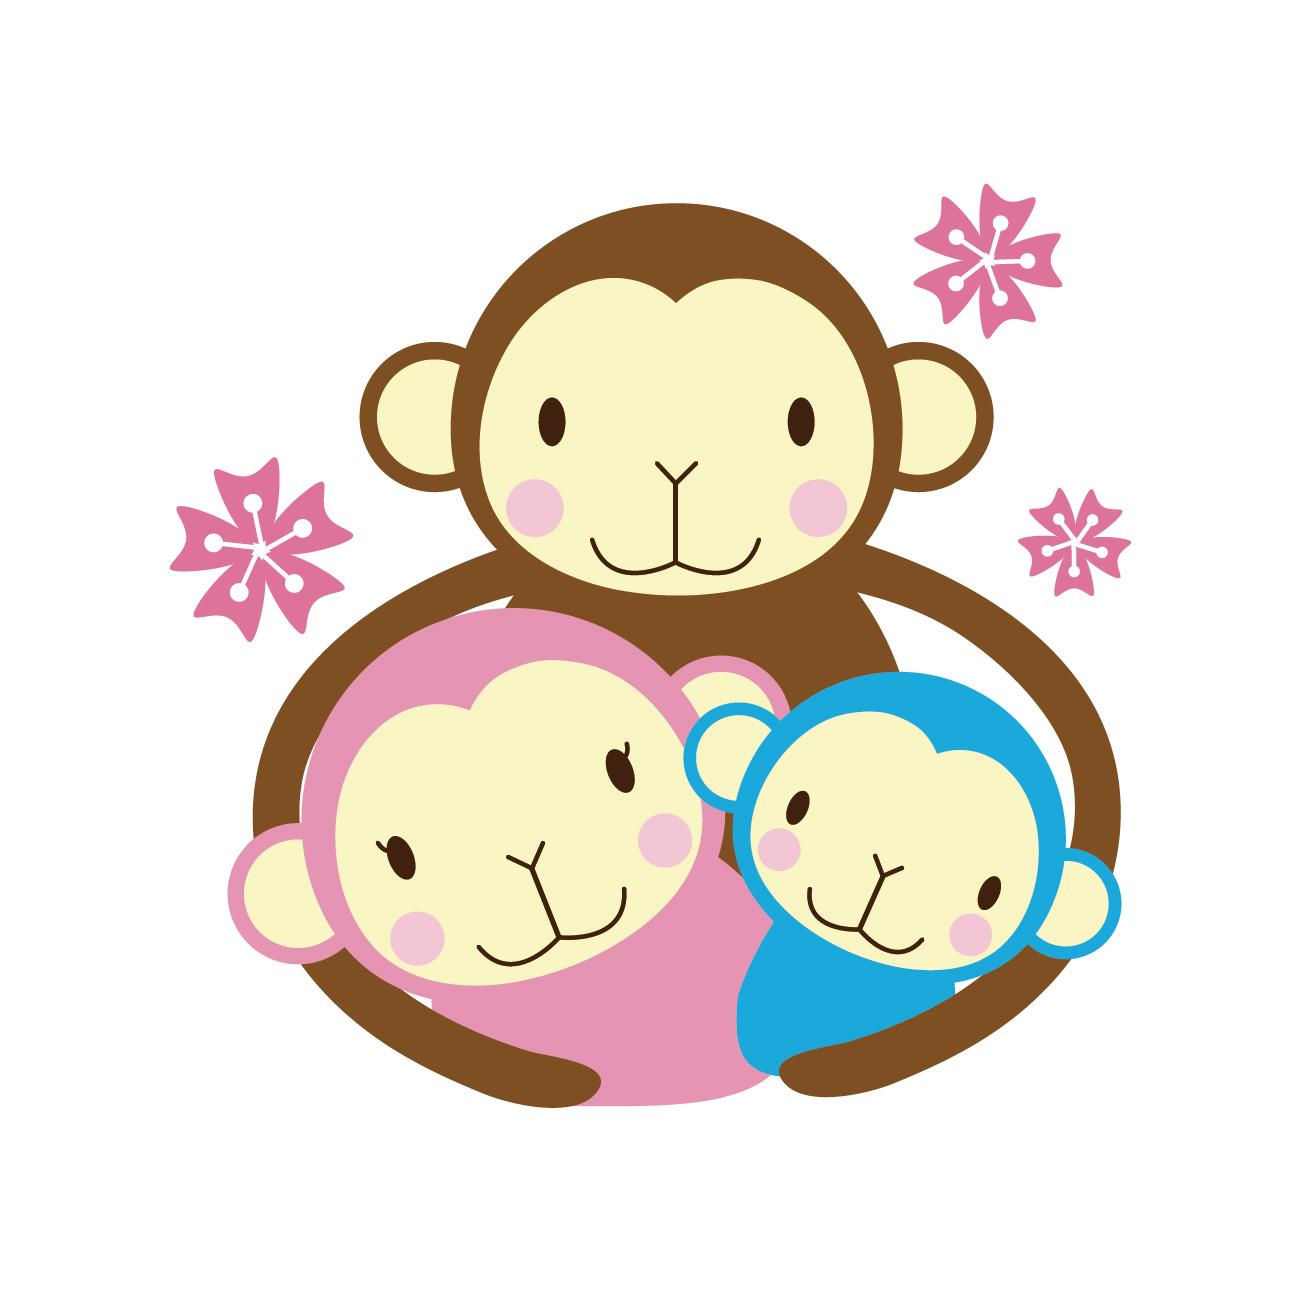 年賀状イラスト2016!著作権には注意!おすすめ無料サイト紹介! | 四季